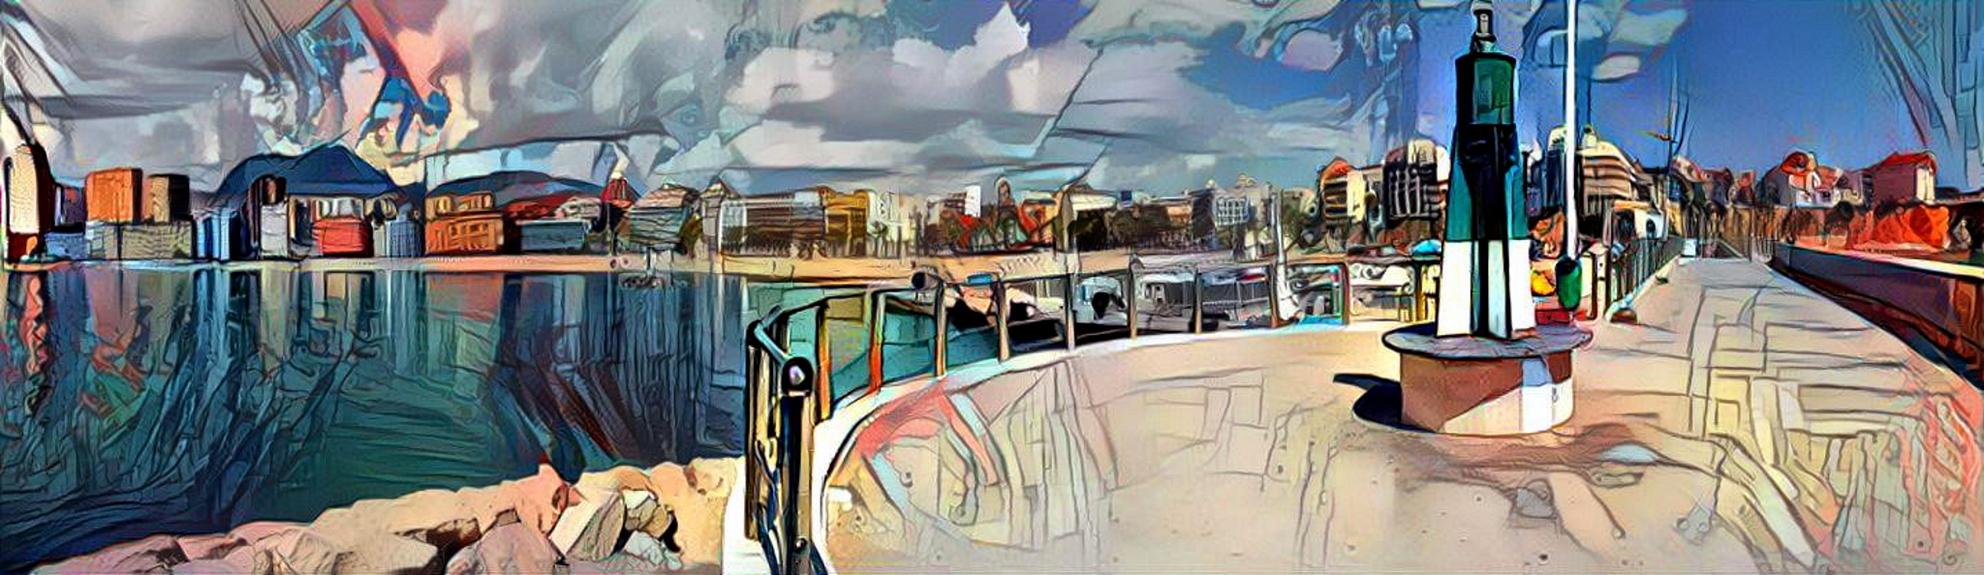 Panorama (bewerkt) - Opname van de haven van Benidorm bewerkt met Deep Dream Generator - foto door awduijts op 07-04-2021 - deze foto bevat: verf, water, stedelijk ontwerp, kunst, vrije tijd, schilderen, lucht, stad, landschap, aquarel verf